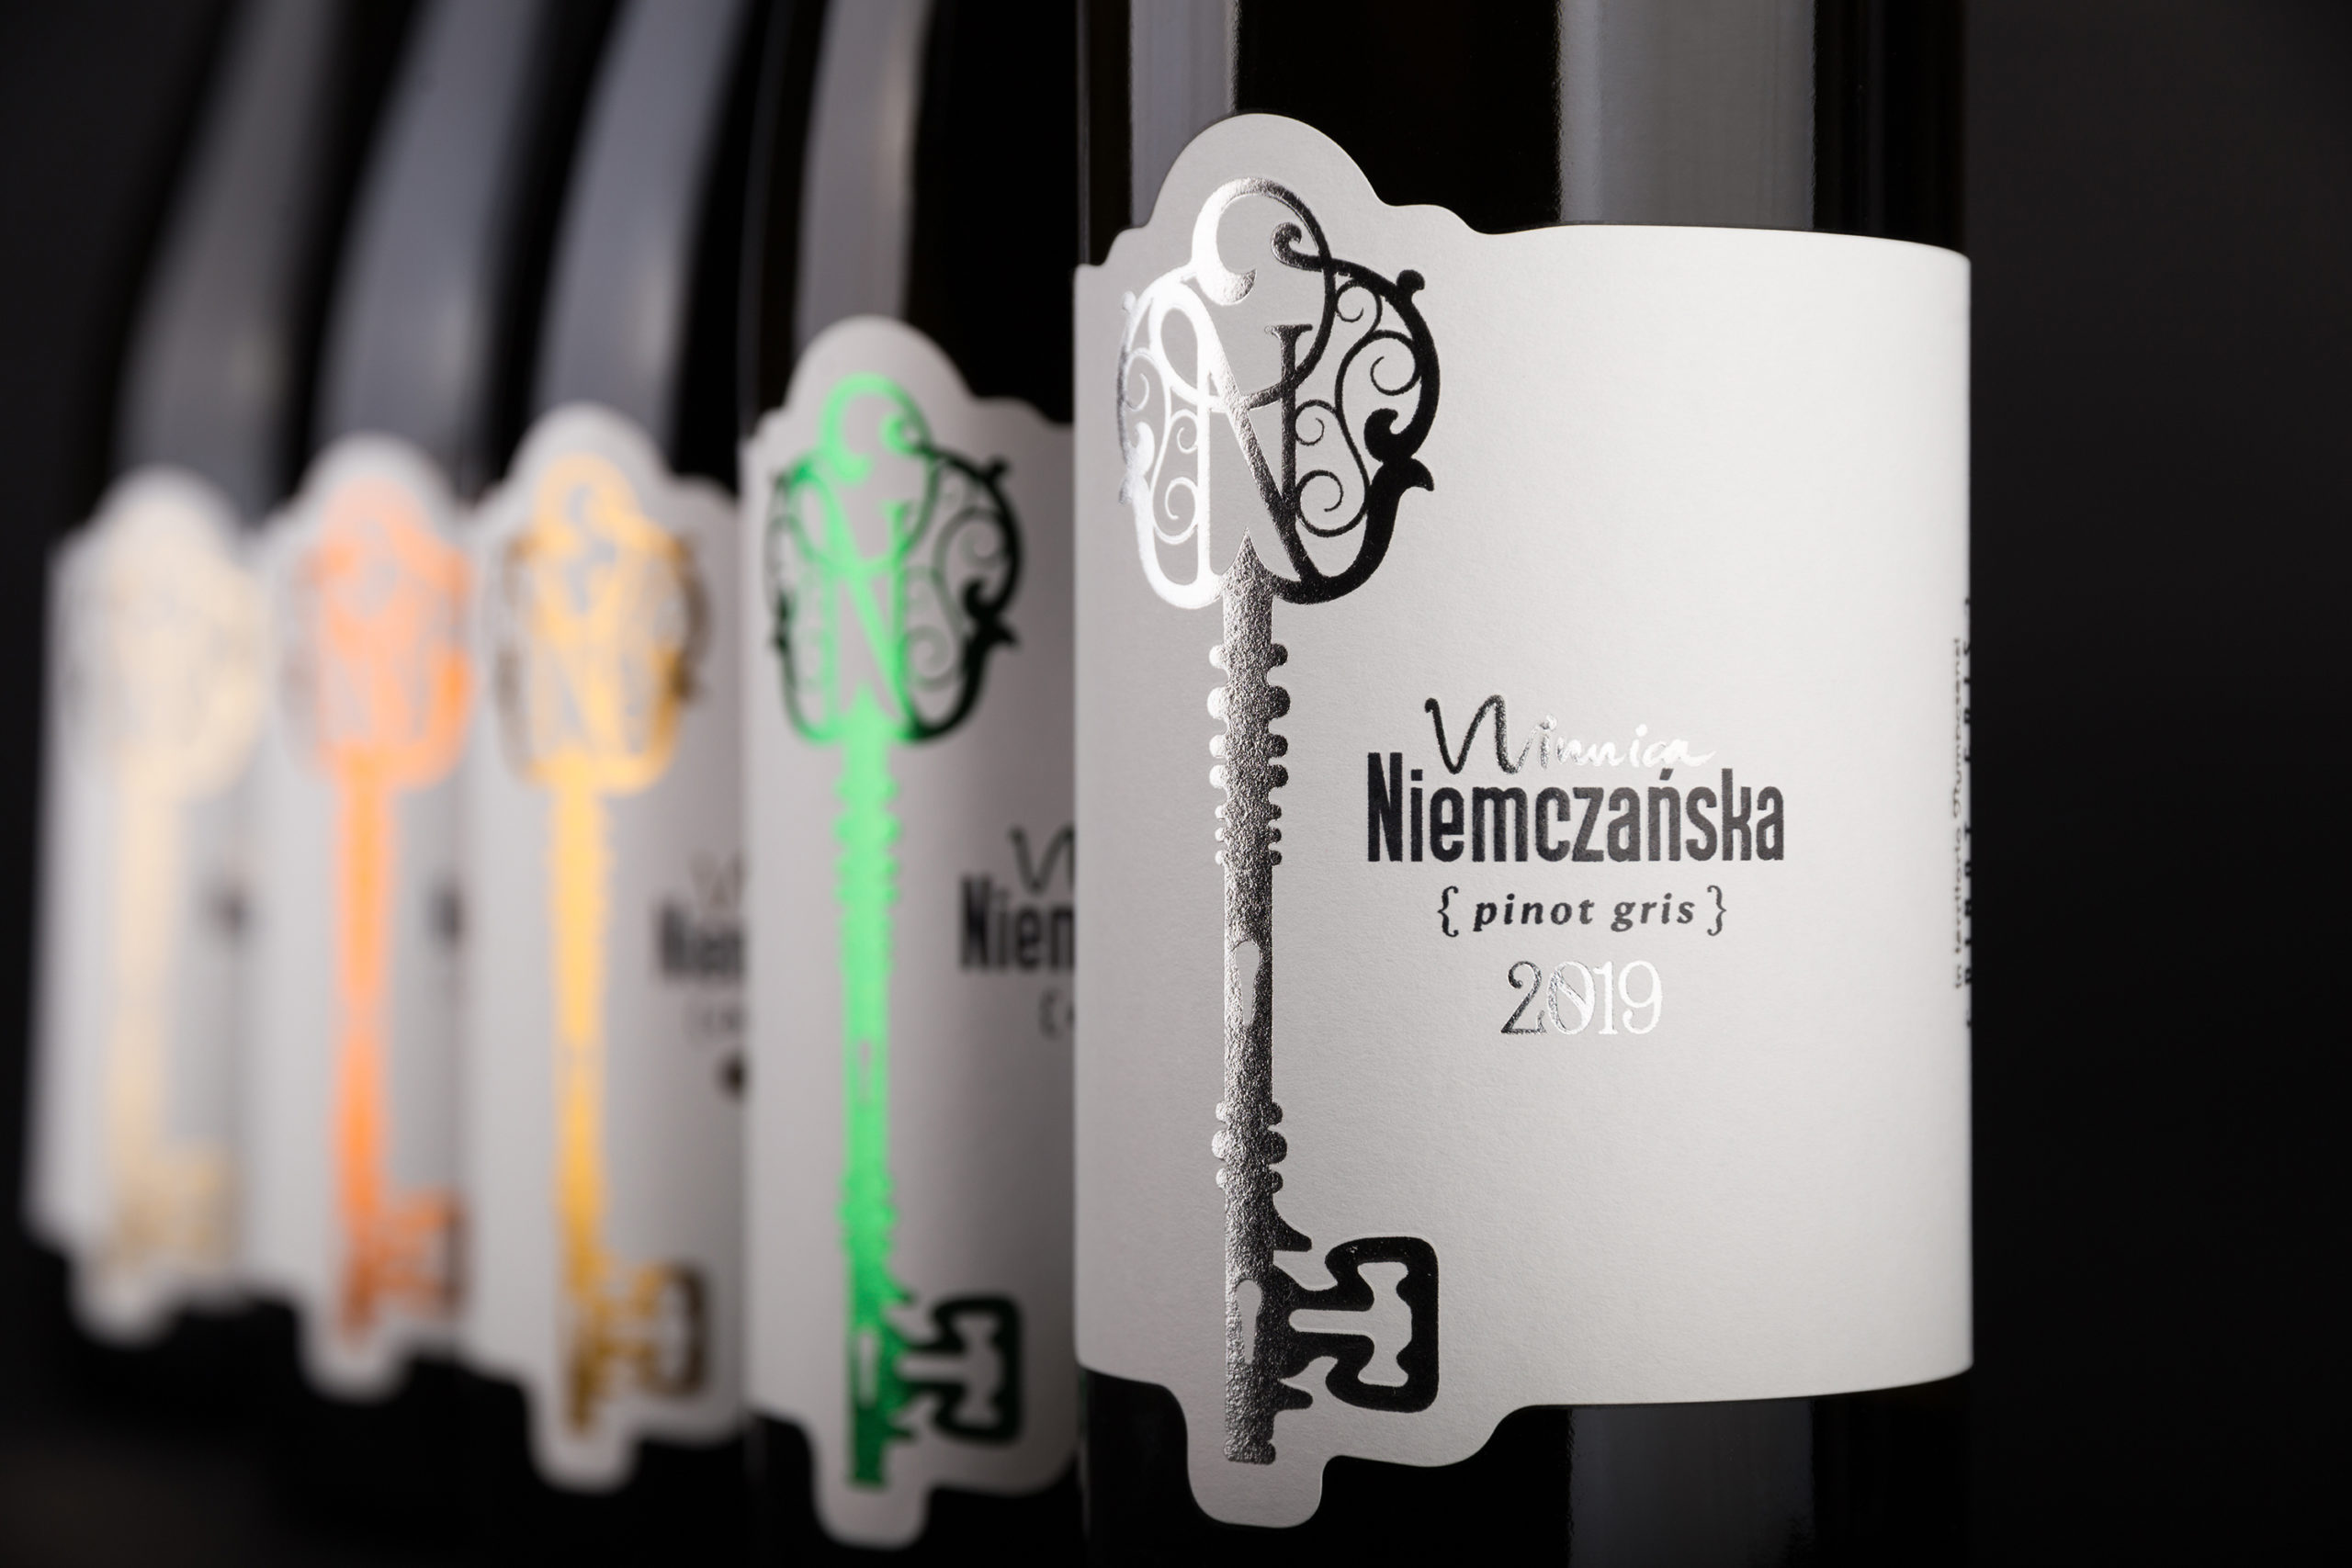 The Keys of Niemcza by Foxtrot Studio